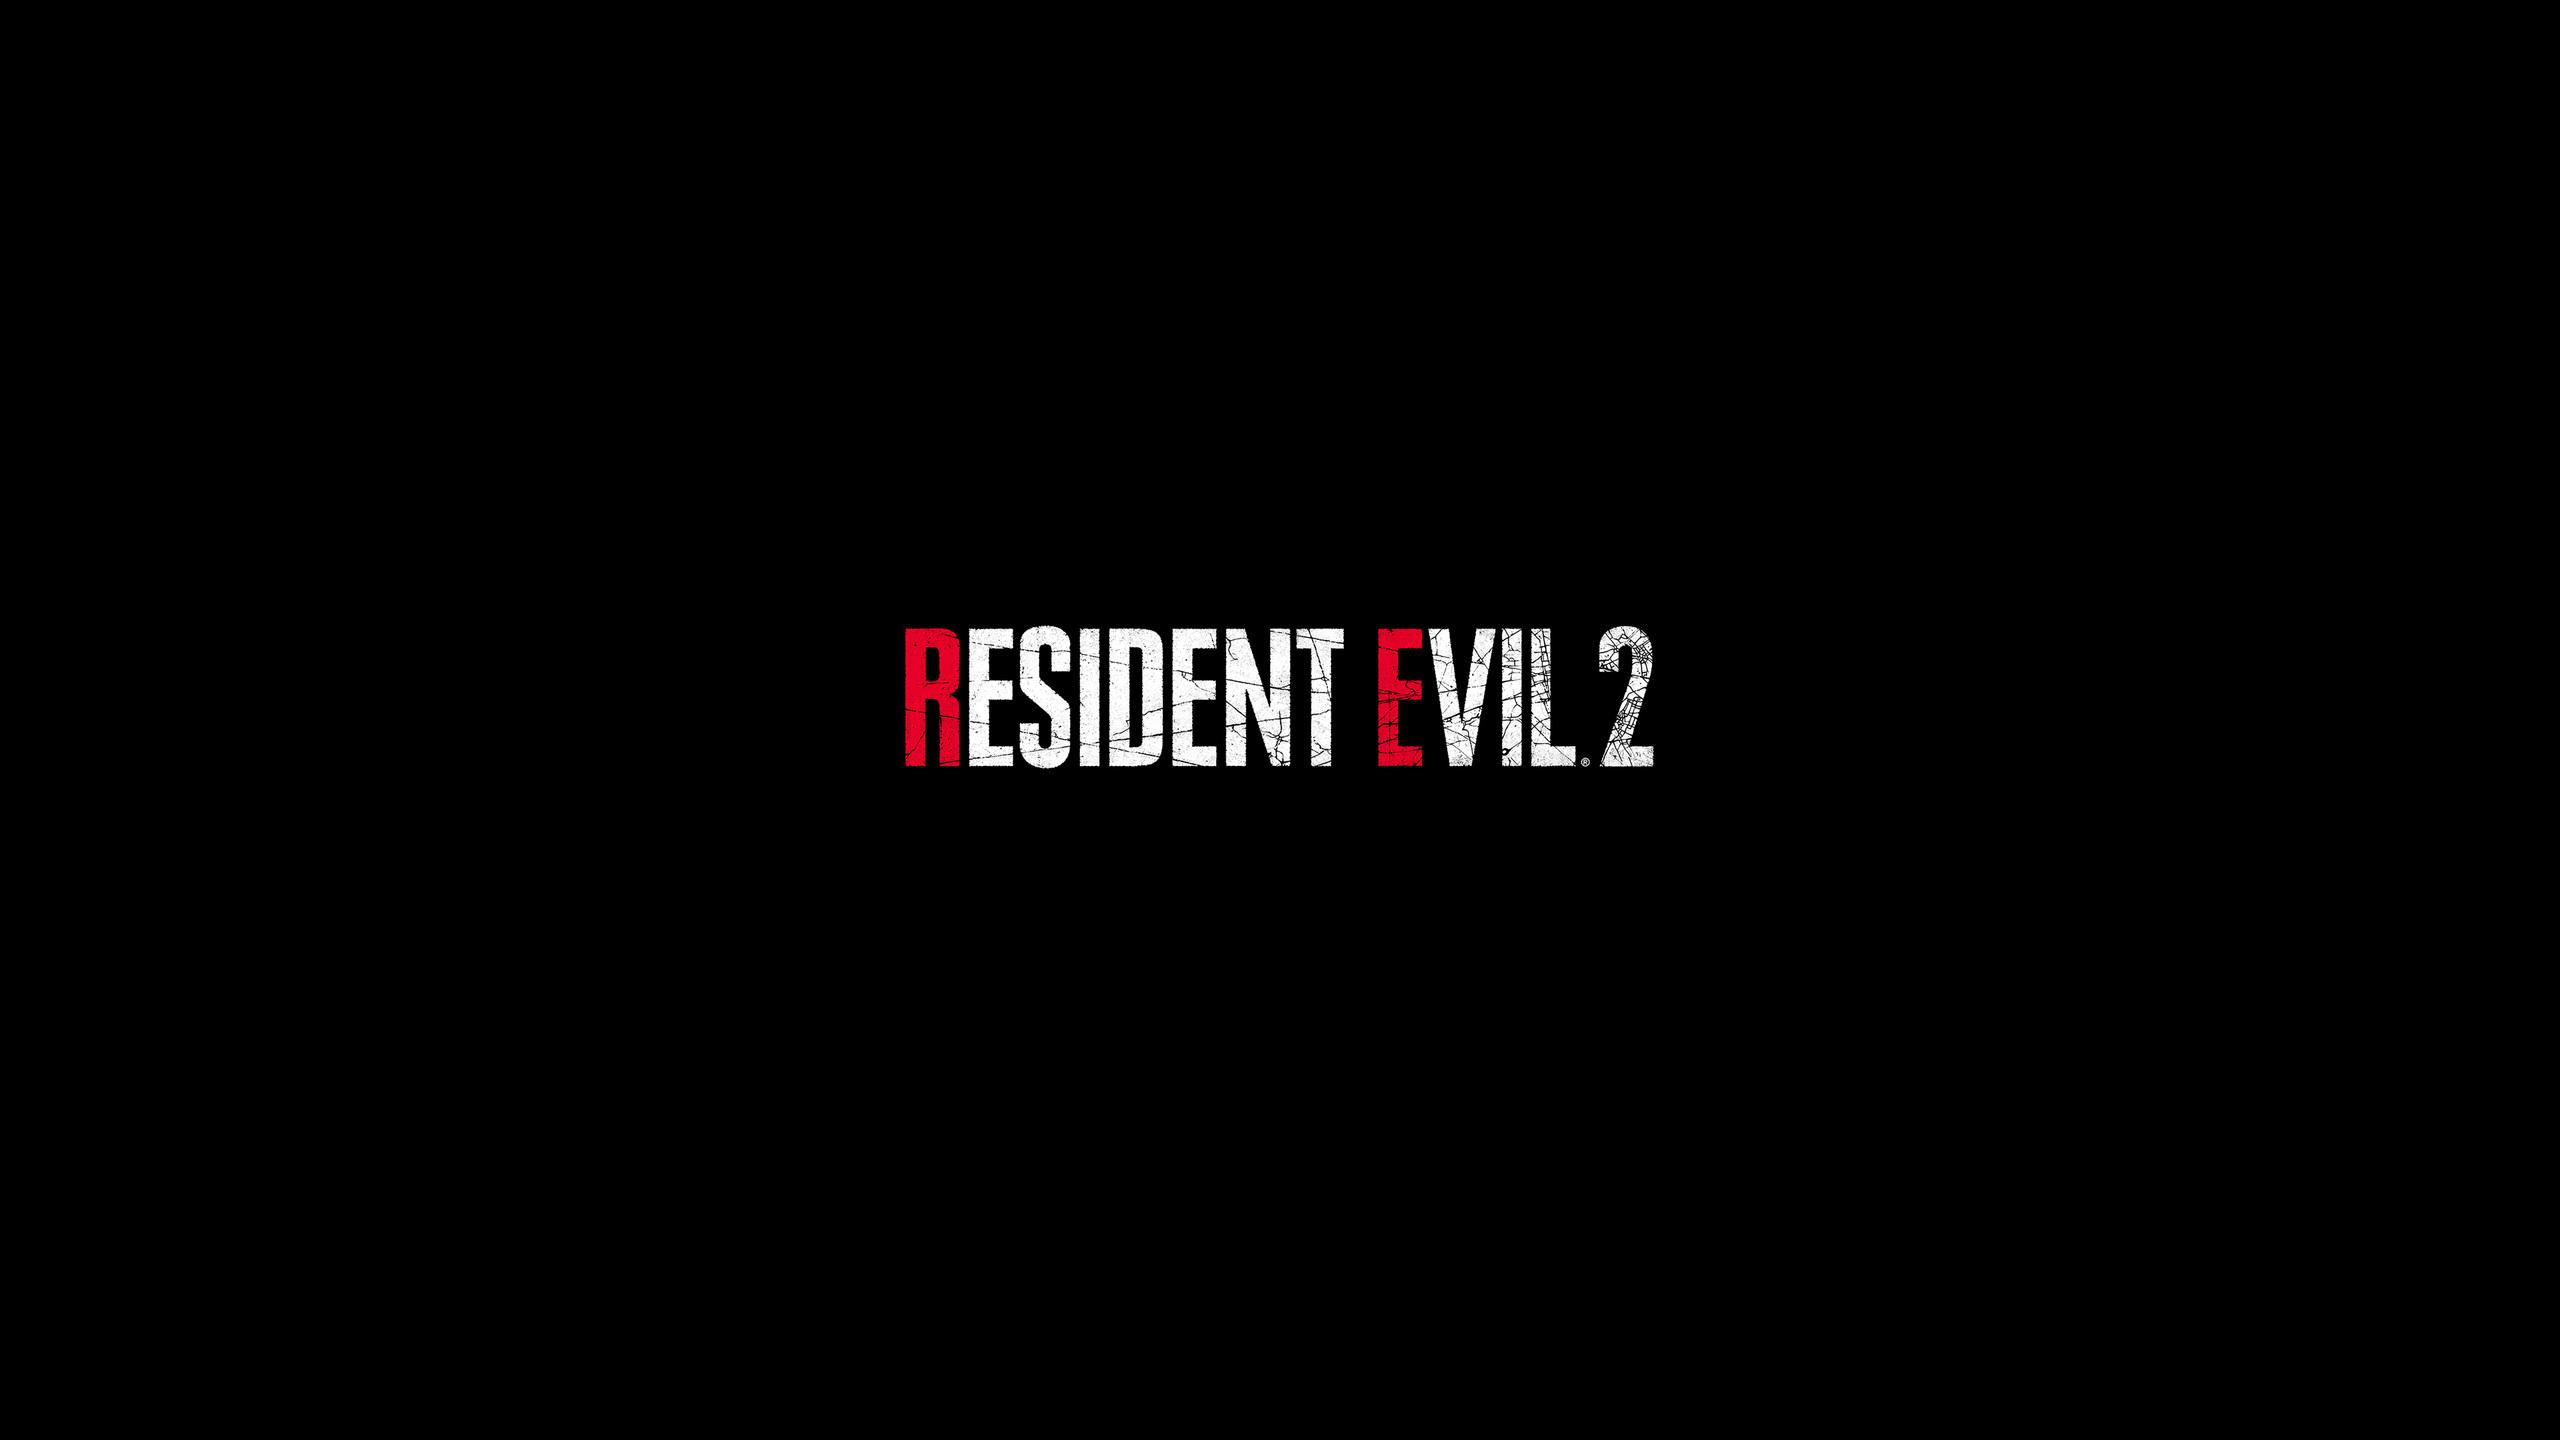 2560x1440 Resident Evil 2 Logo 4k 1440P